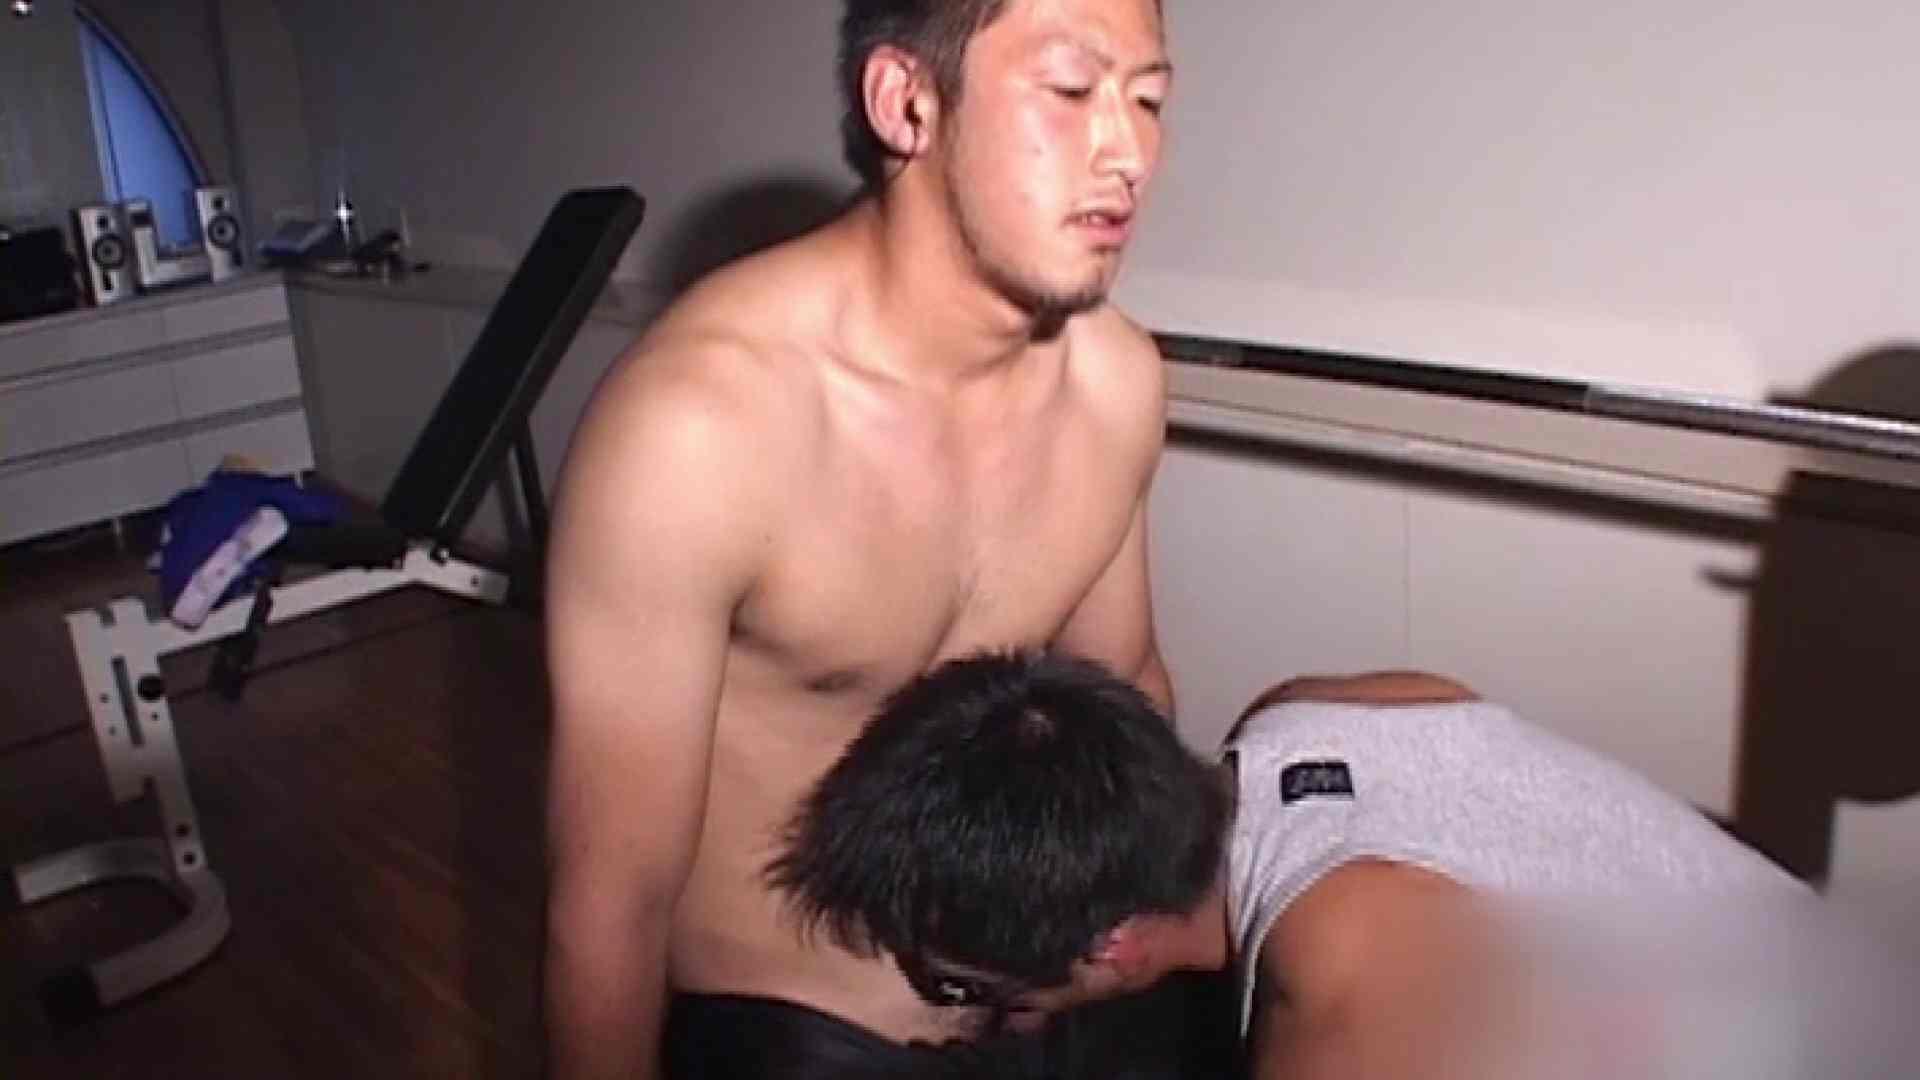 珍肉も筋肉の内!!vol.1 男まつり ゲイ無修正ビデオ画像 86枚 50